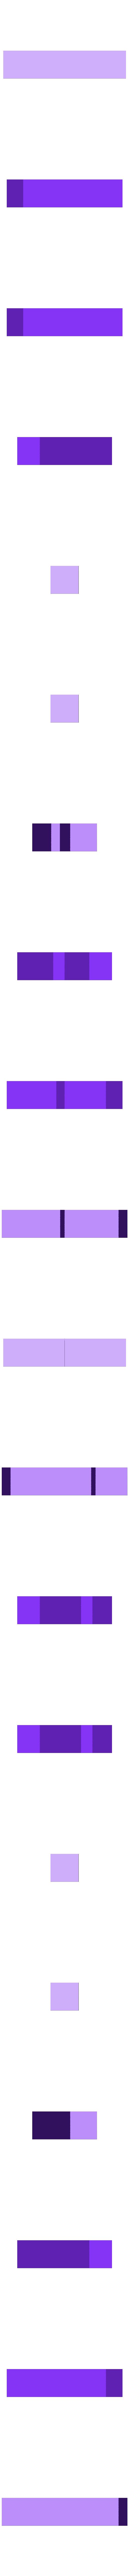 3.STL Télécharger fichier STL gratuit Puzzle/Casse tête en 3D • Objet pour impression 3D, RaphyGalibar